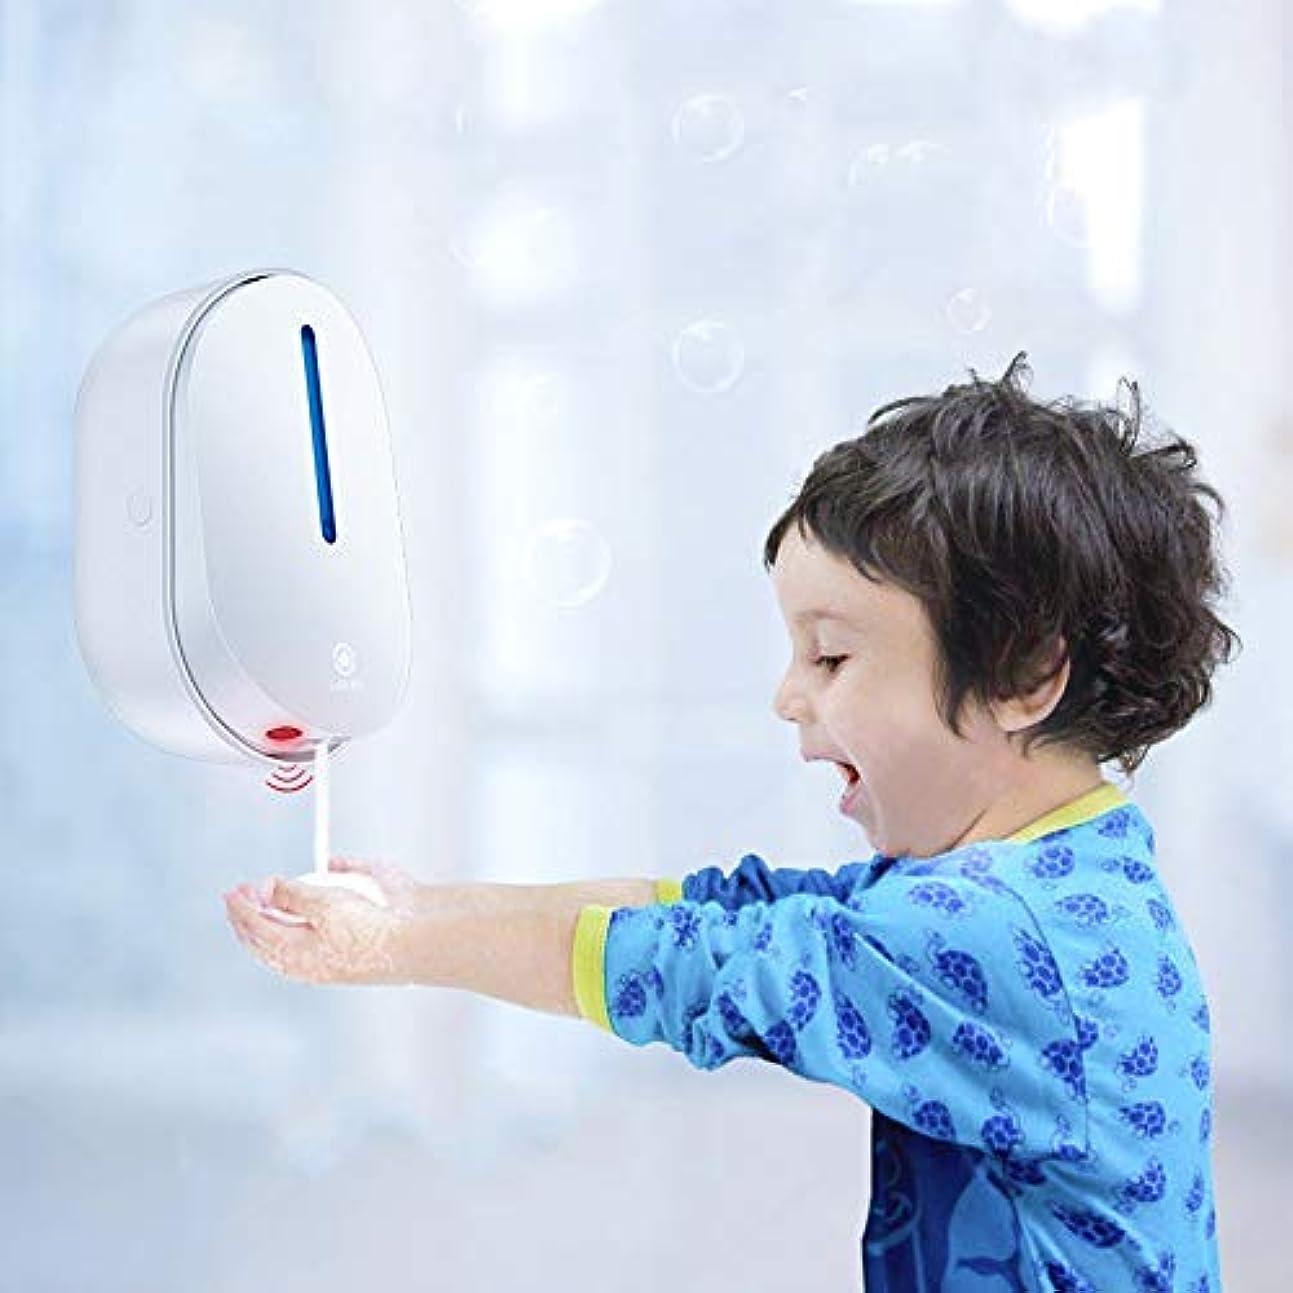 火傷外交へこみソープディスペンサー 容量500mlプレミアムタッチレスバッテリーは自動ソープディスペンサー調整可能ソープディスペンシングボリュームコントロールダイヤル運営しました ハンドソープ 食器用洗剤 キッチン 洗面所などに適用 (Color : White, Size : One size)